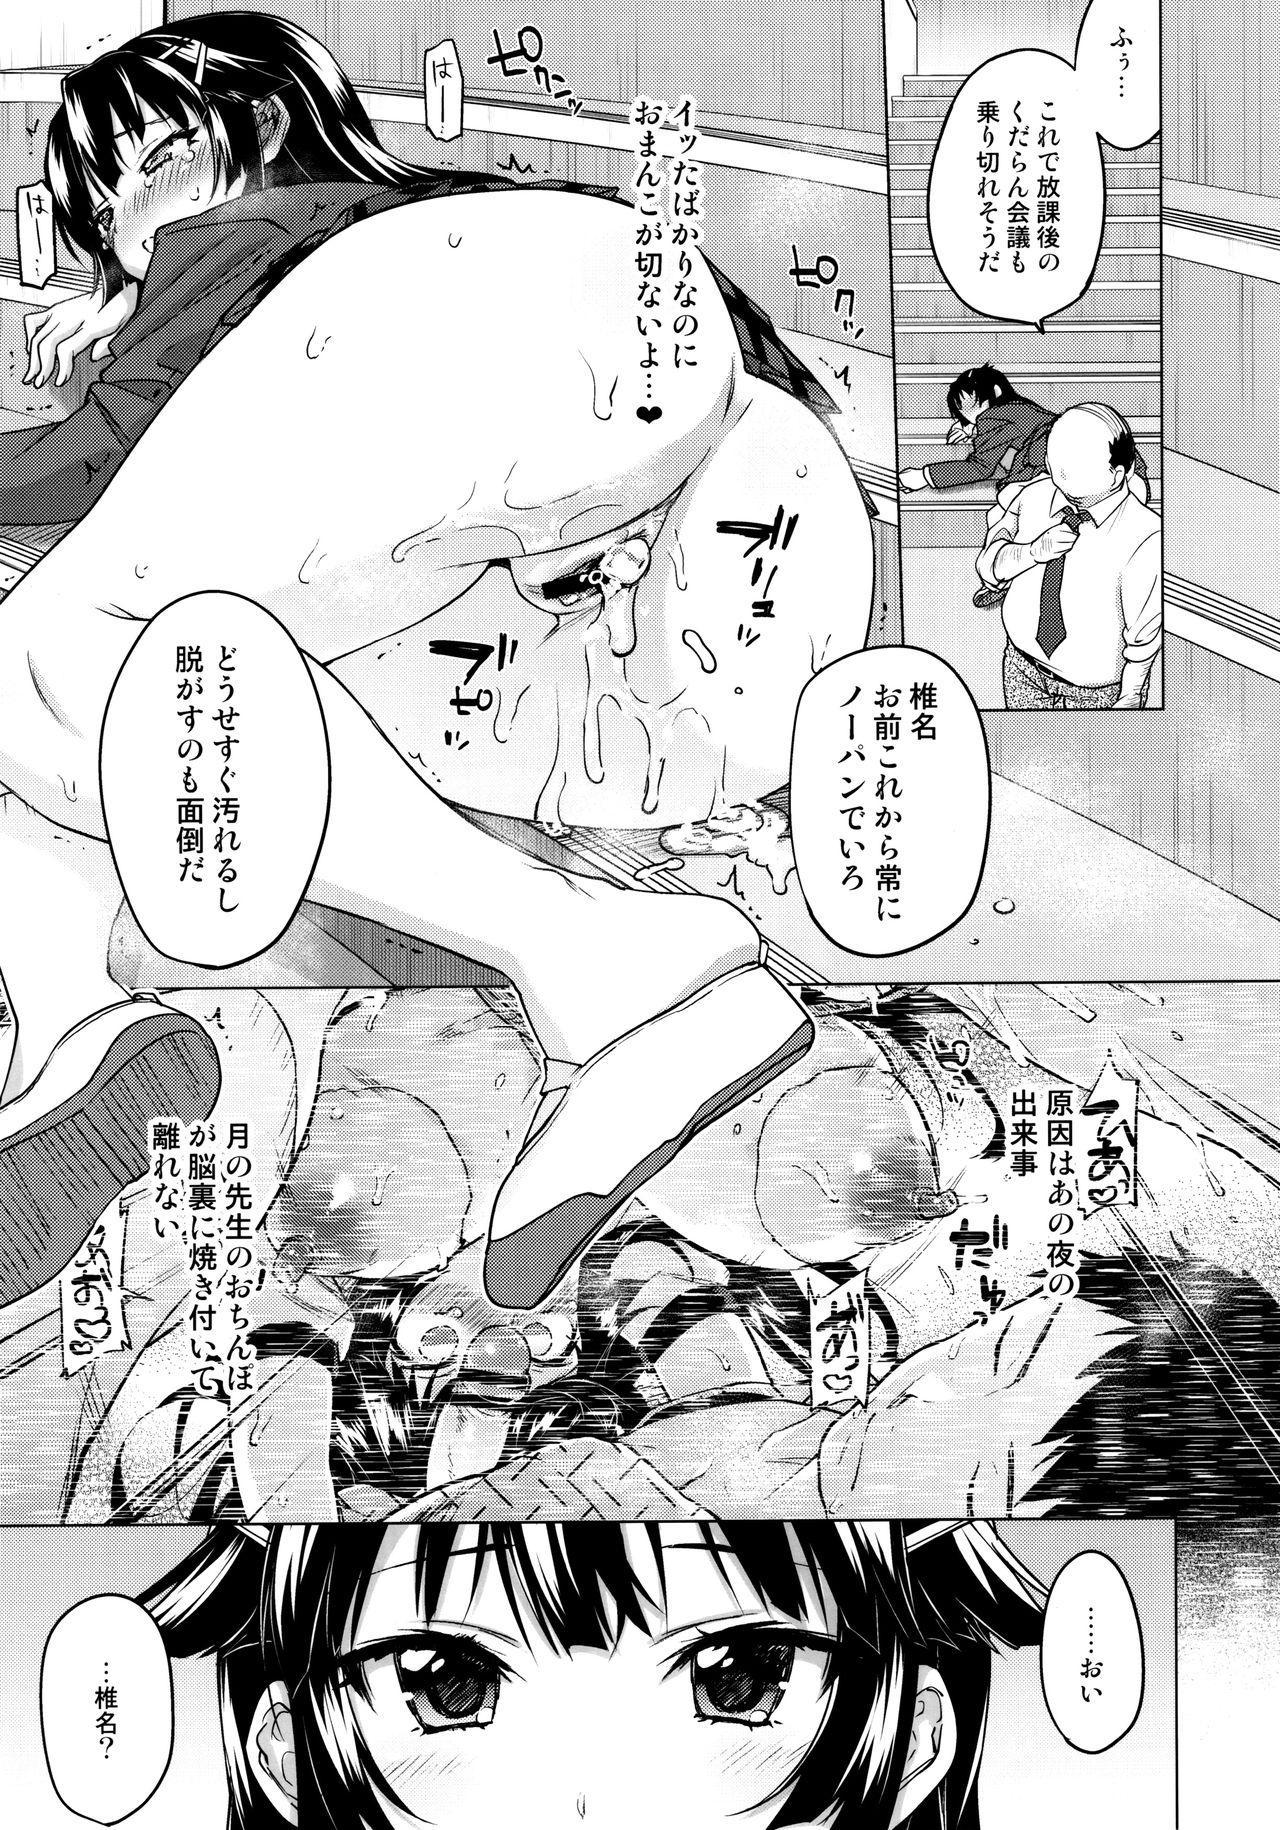 Chizuru-chan Kaihatsu Nikki 5 5